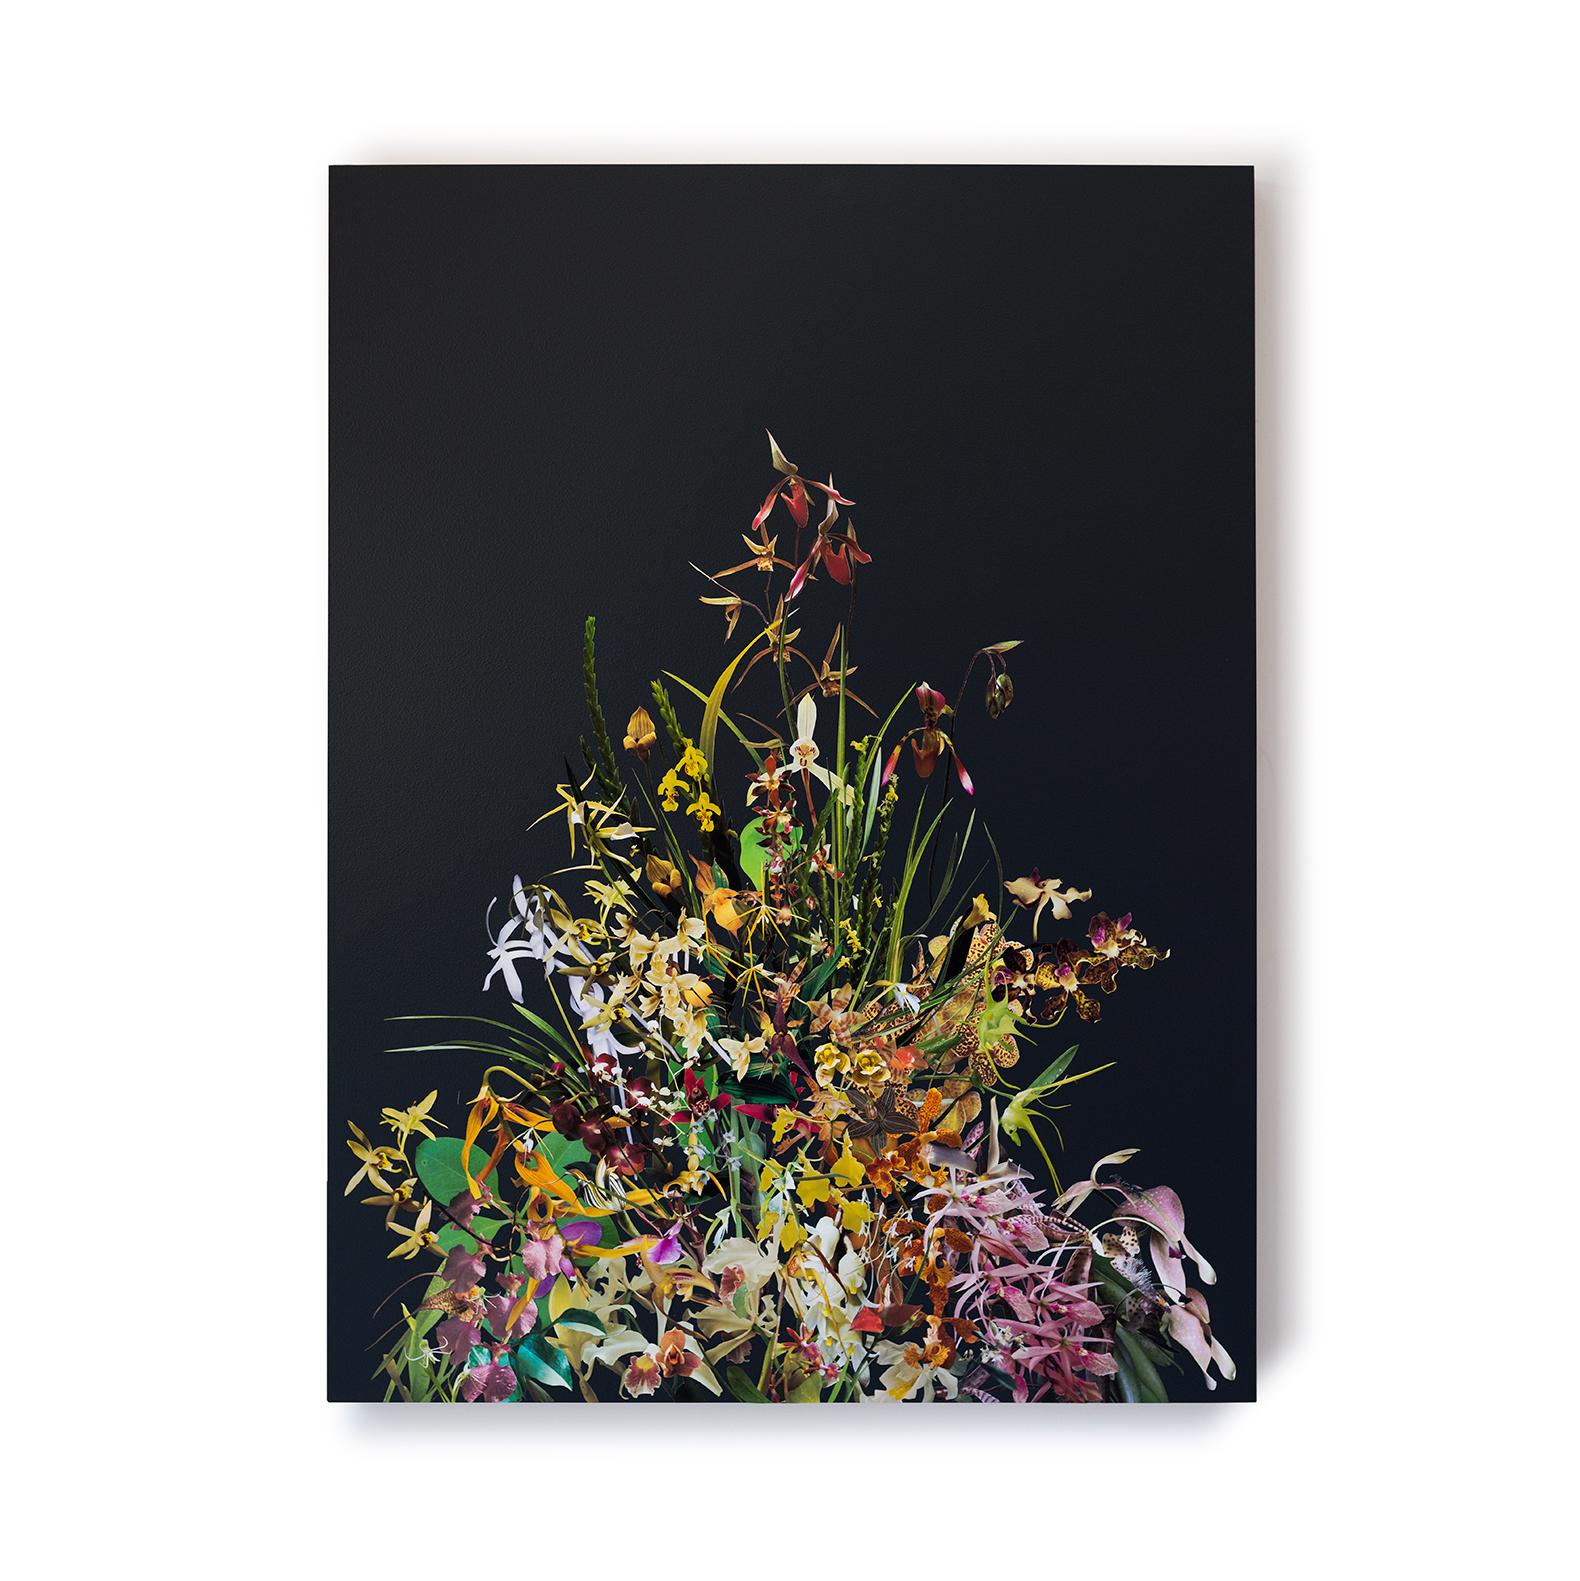 StephenEichhorn-Orchids-18.jpg